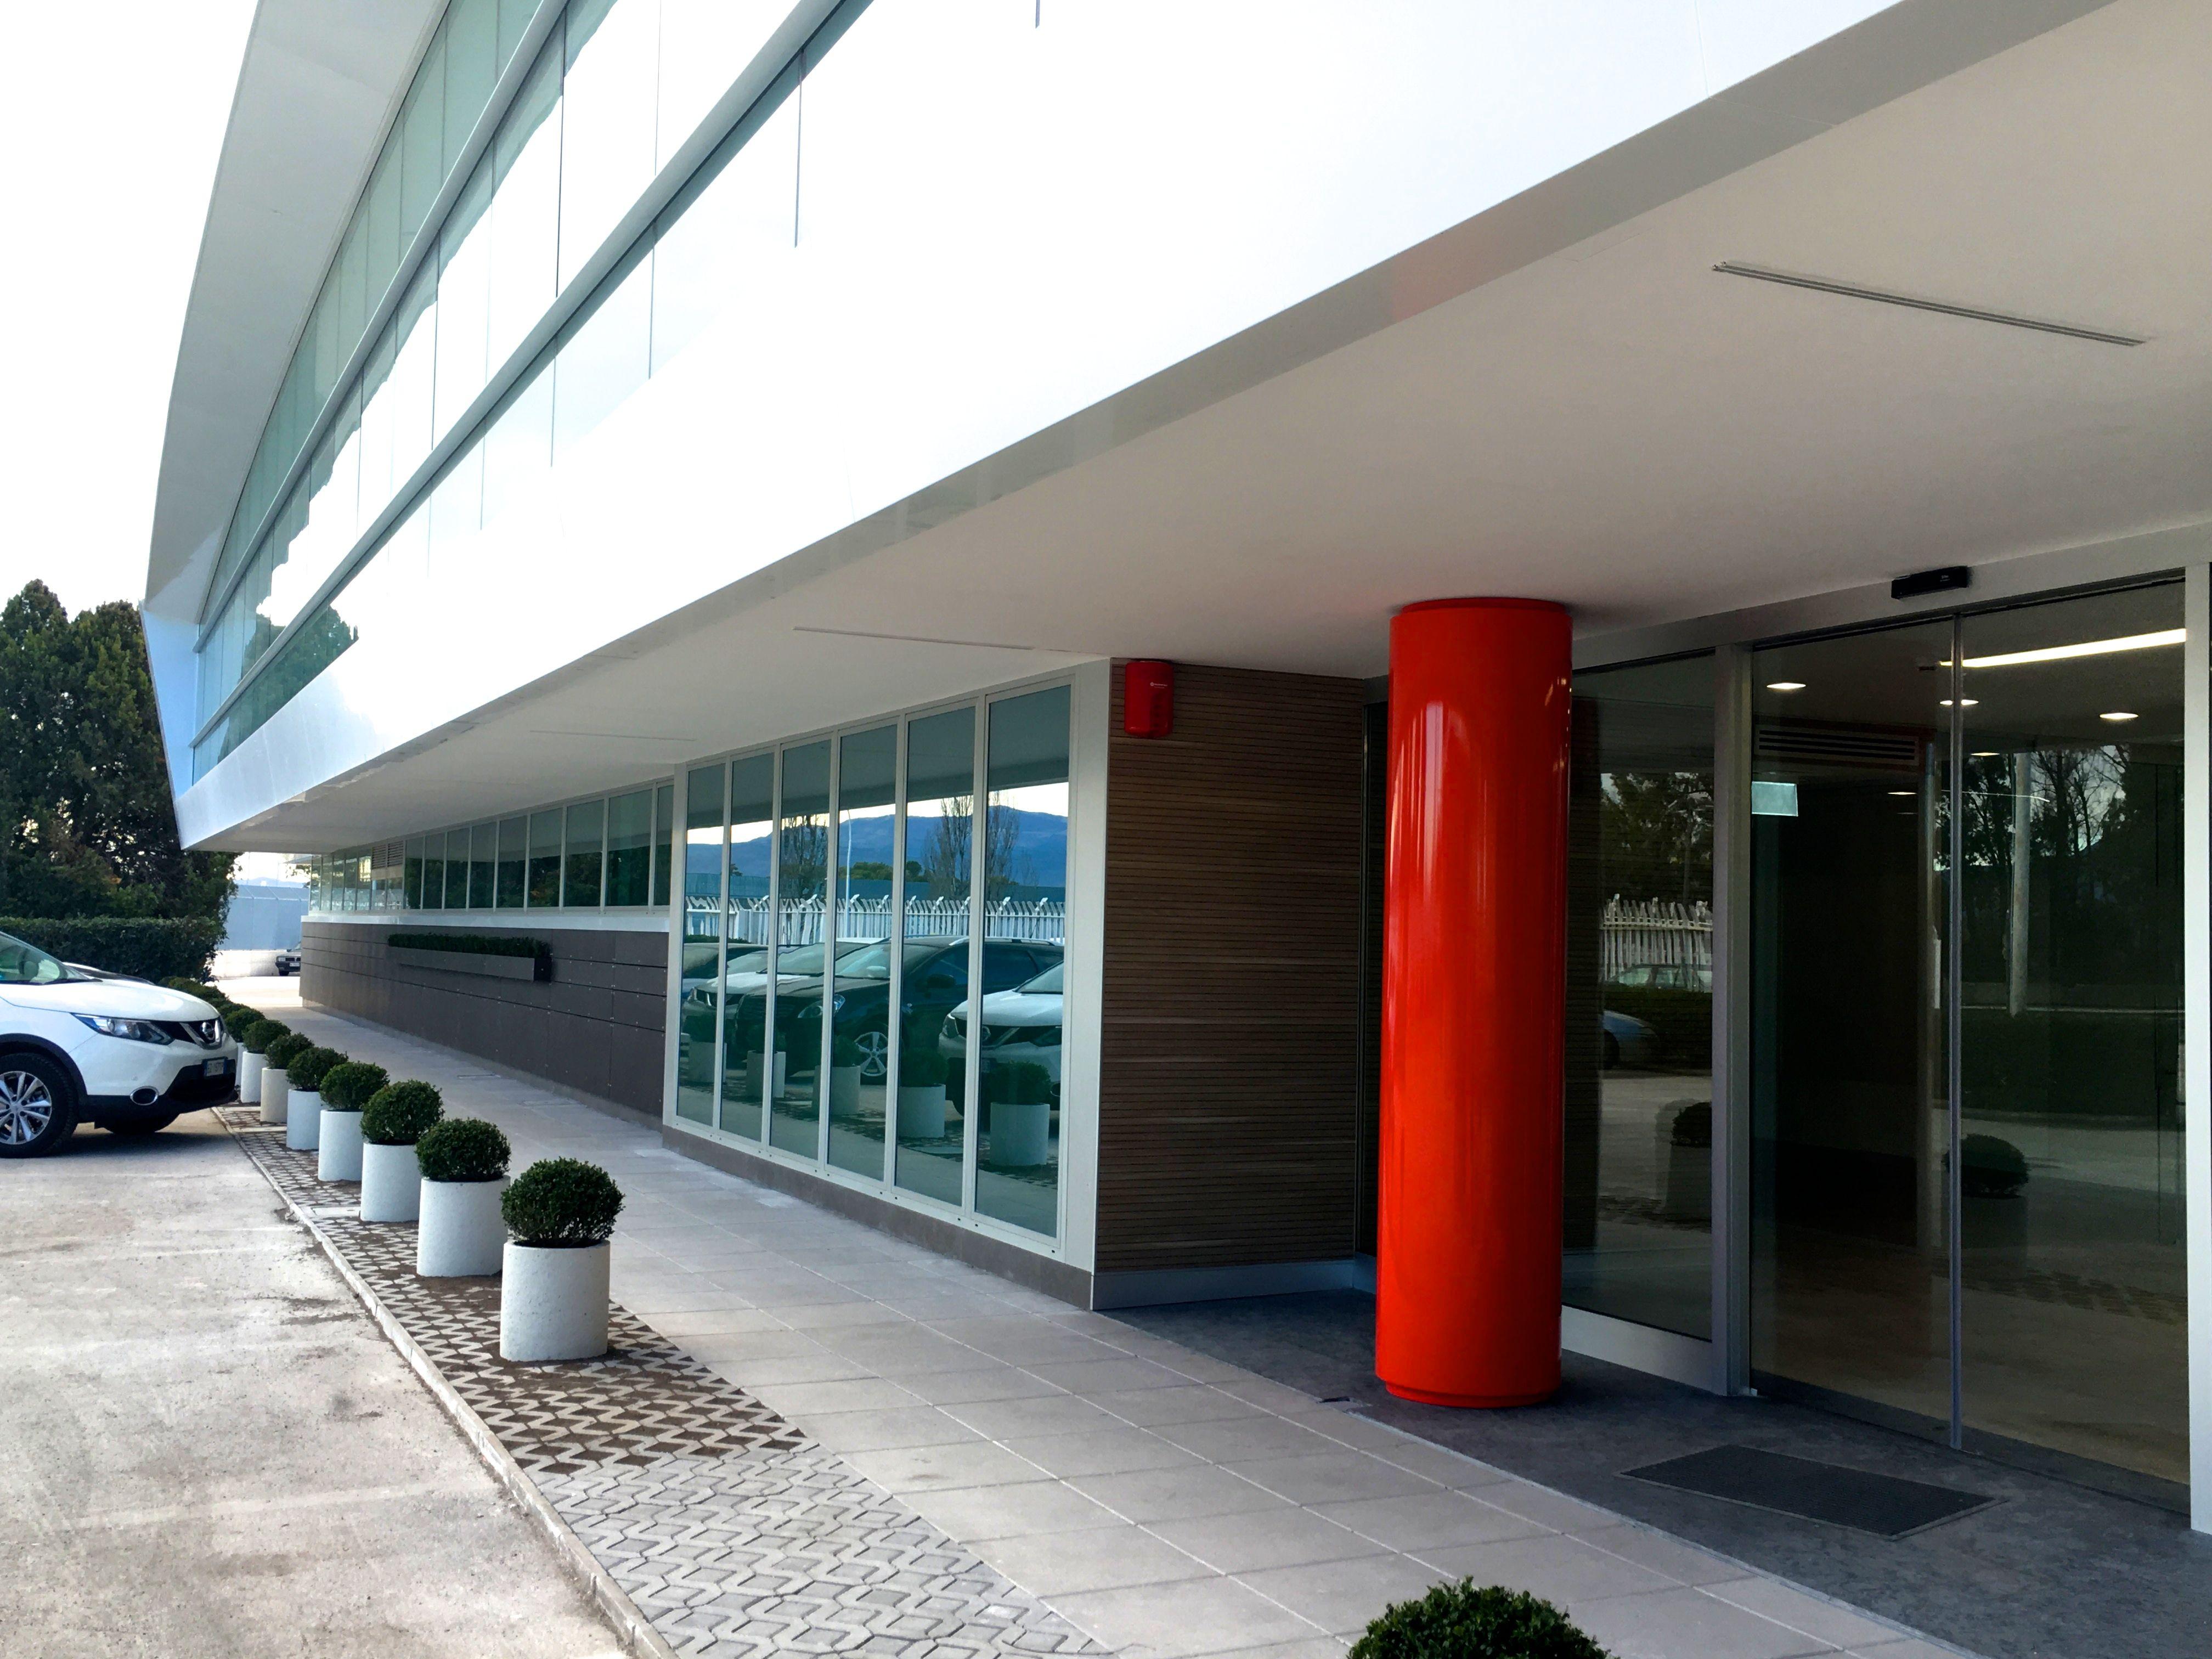 recladding e saving energetico capannone industriale_Cisterna di Latina